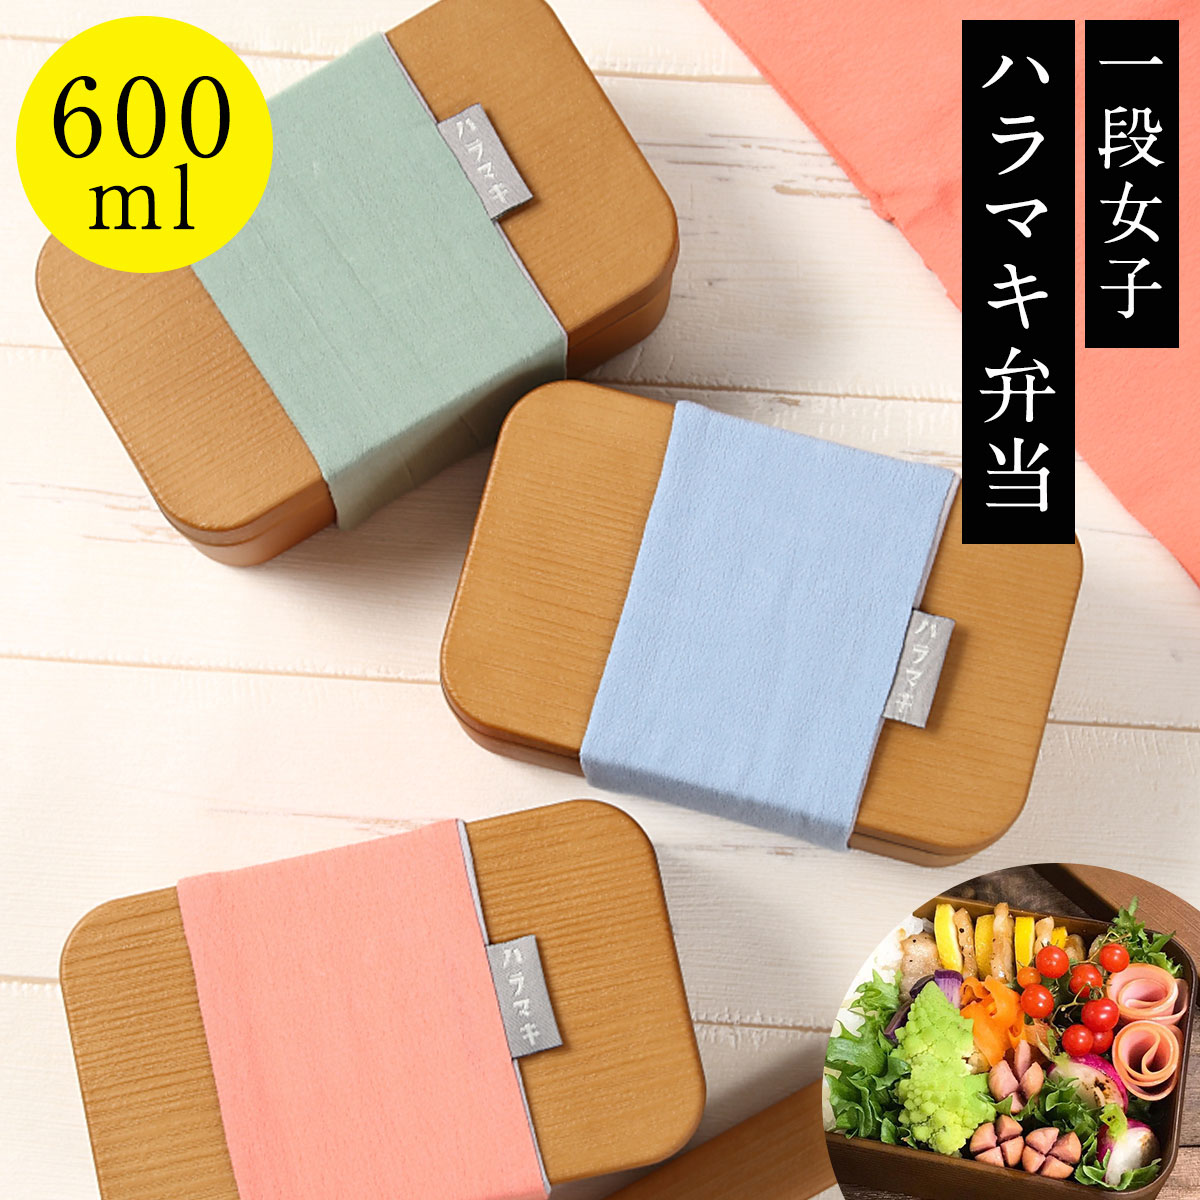 弁当箱 1段 女子 大人 レディース 女性用 食洗機対応 レンジ対応 ハラマキ 木目長角弁当 S プラスチック製 樹脂製 日本製